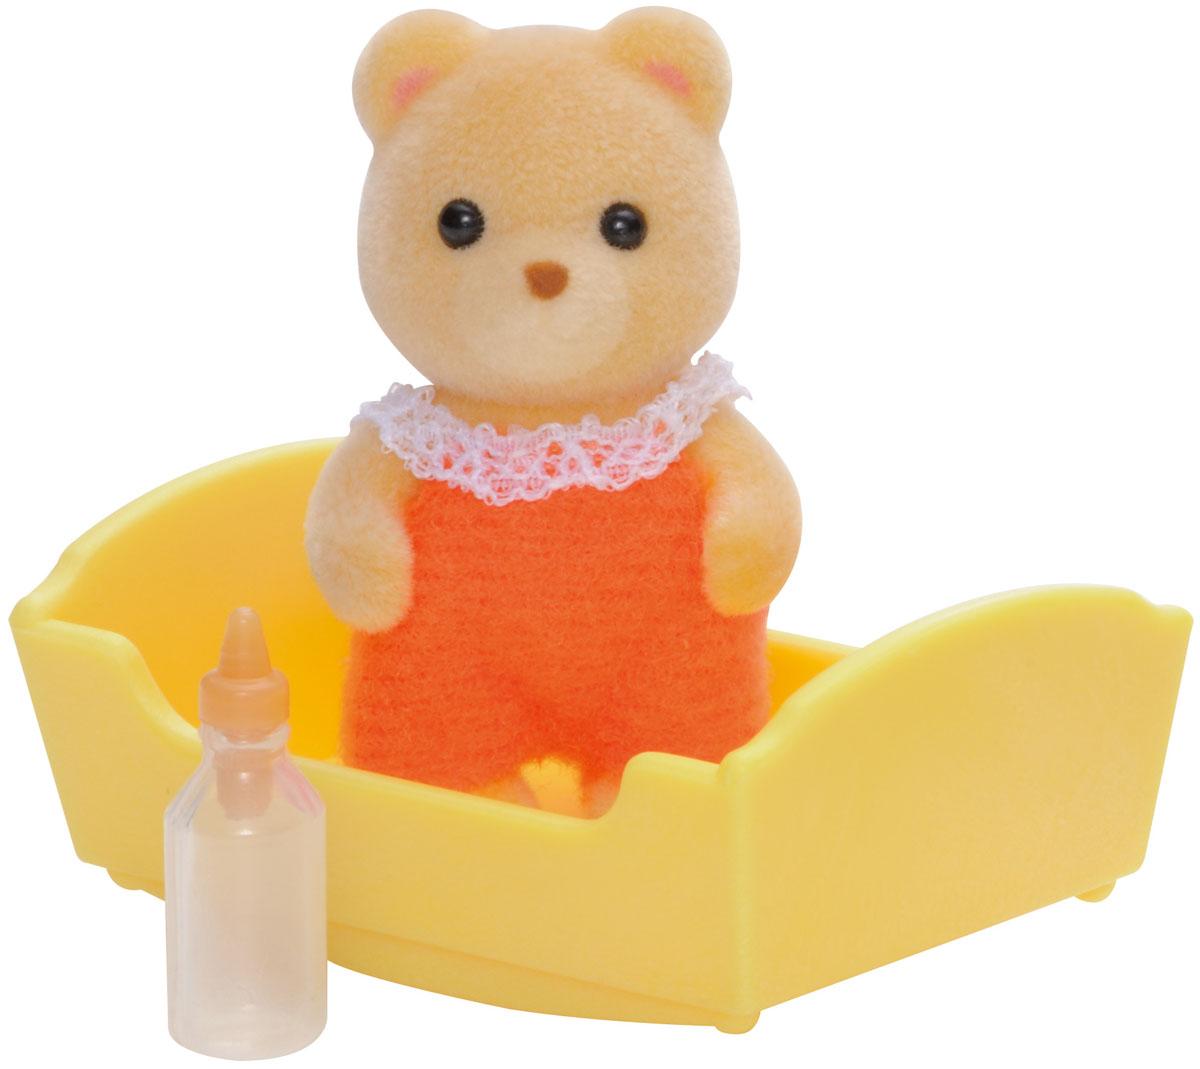 Sylvanian Families Фигурка Малыш Медвежонок в люльке3424Игровой набор Sylvanian Families Малыш Медвежонок привлечет внимание вашей малышки и не позволит ей скучать. Набор включает в себя фигурку Медвежонка, одетого в оранжевый костюмчик, и аксессуары для него: желтую люльку и бутылочку для кормления. Фигурка животного выполнена из пластика и покрыта мягким приятным на ощупь флоком. Ваша малышка будет часами играть с набором, придумывая различные истории. Sylvanian Families - это целый мир маленьких жителей, объединенных общей легендой. Жители страны Sylvanian Families - это кролики, белки, медведи, лисы и многие другие. У каждого из них есть дом, в котором есть все необходимое для счастливой жизни. В городе, где живут герои, есть школа, больница, рынок, пекарня, детский сад и множество других полезных объектов. Жители этой страны живут семьями, в каждой из которой есть дети. В домах Sylvanian Families царит уют и гармония. Домашние животные радуют хозяев. Здесь продумана каждая мелочь, от одежды до...